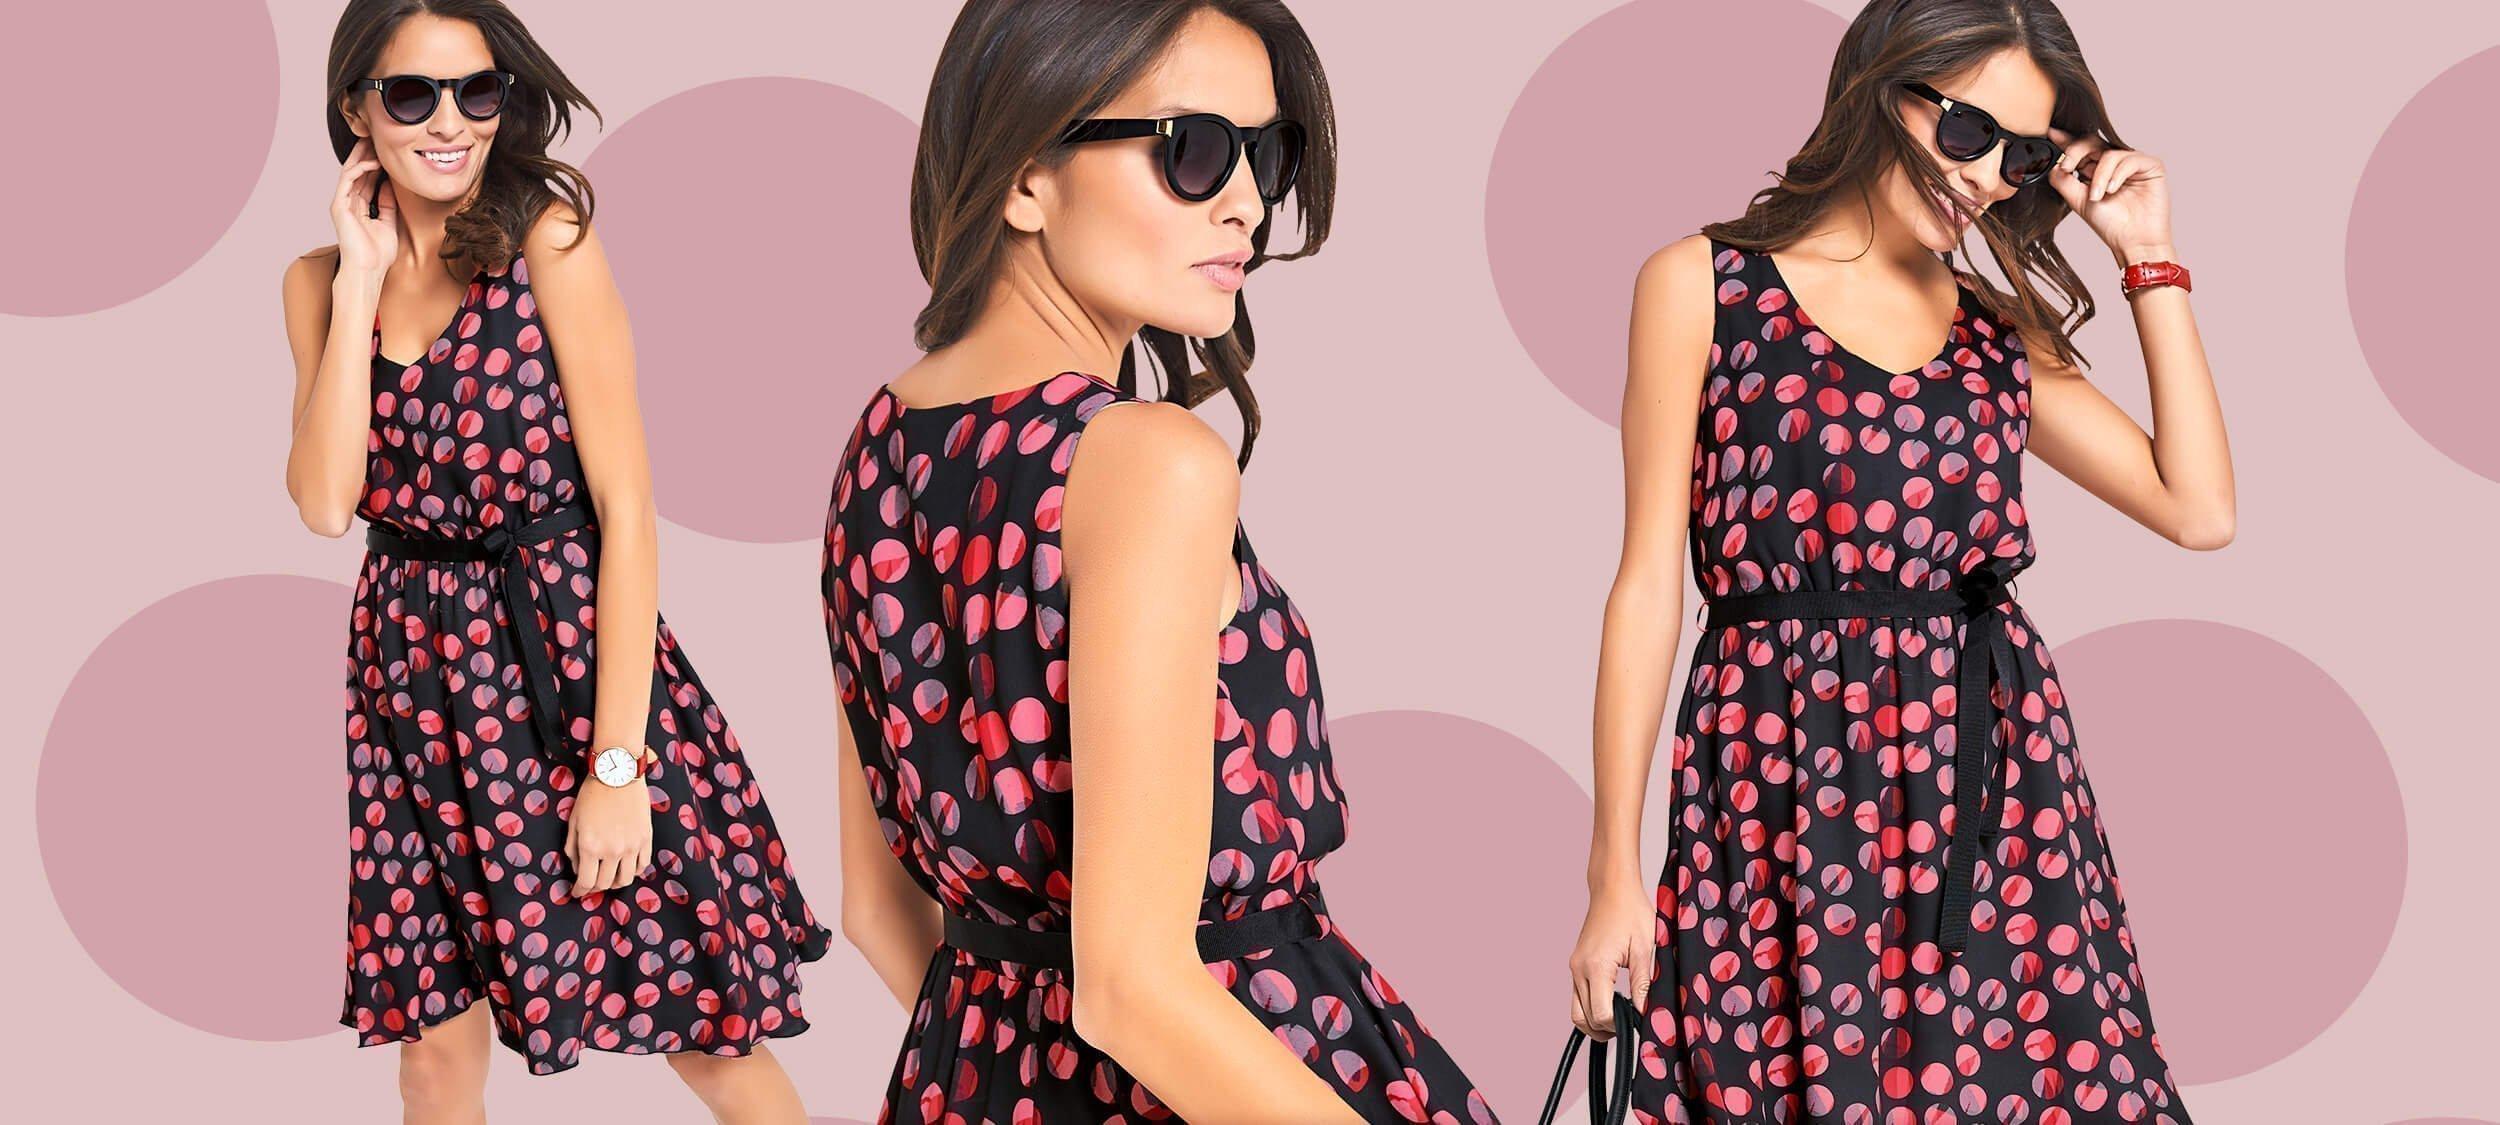 Frühlingserwachen in neuen Kleidern - die Kleidertrends 16 sind